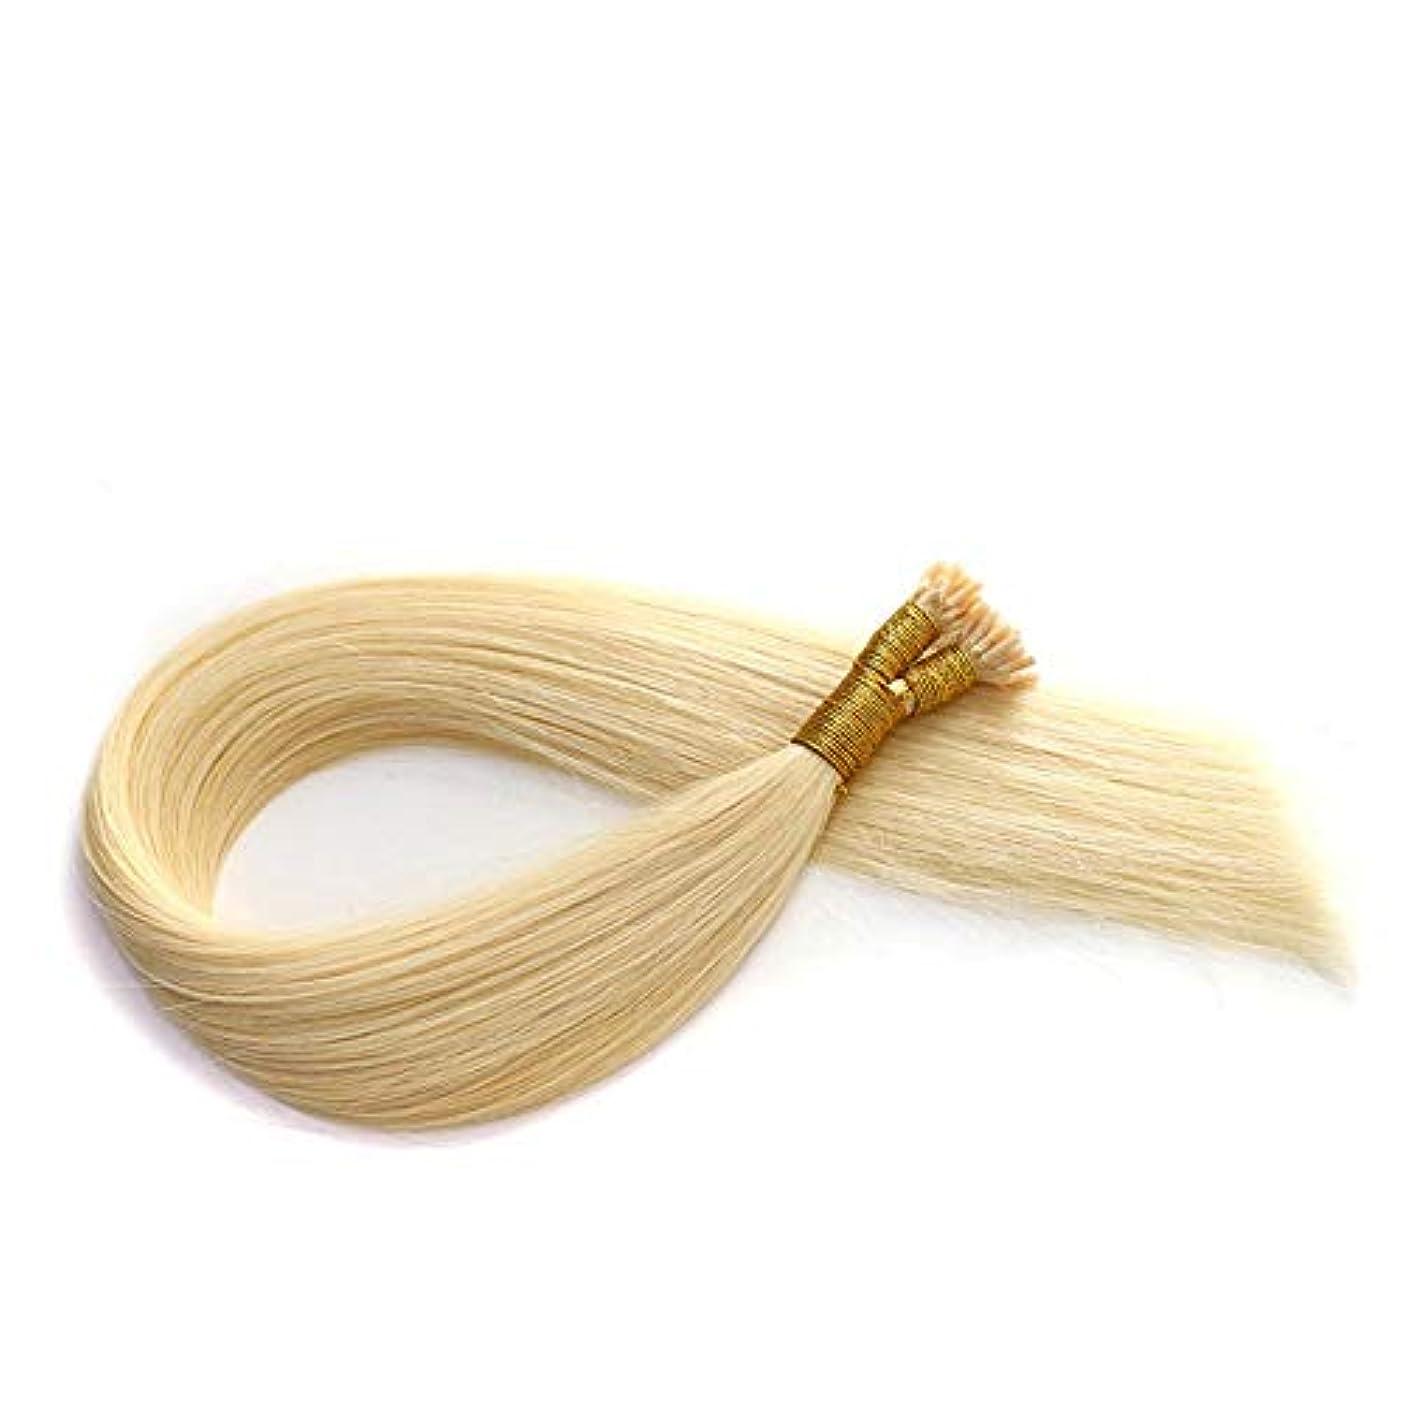 マウスピースショッキング嵐WASAIO ヘアエクステンションクリップのシームレスな髪型ブロンドナノリングリテラル太い人間レミーすべての長さの光 (色 : Blonde, サイズ : 12 inch)